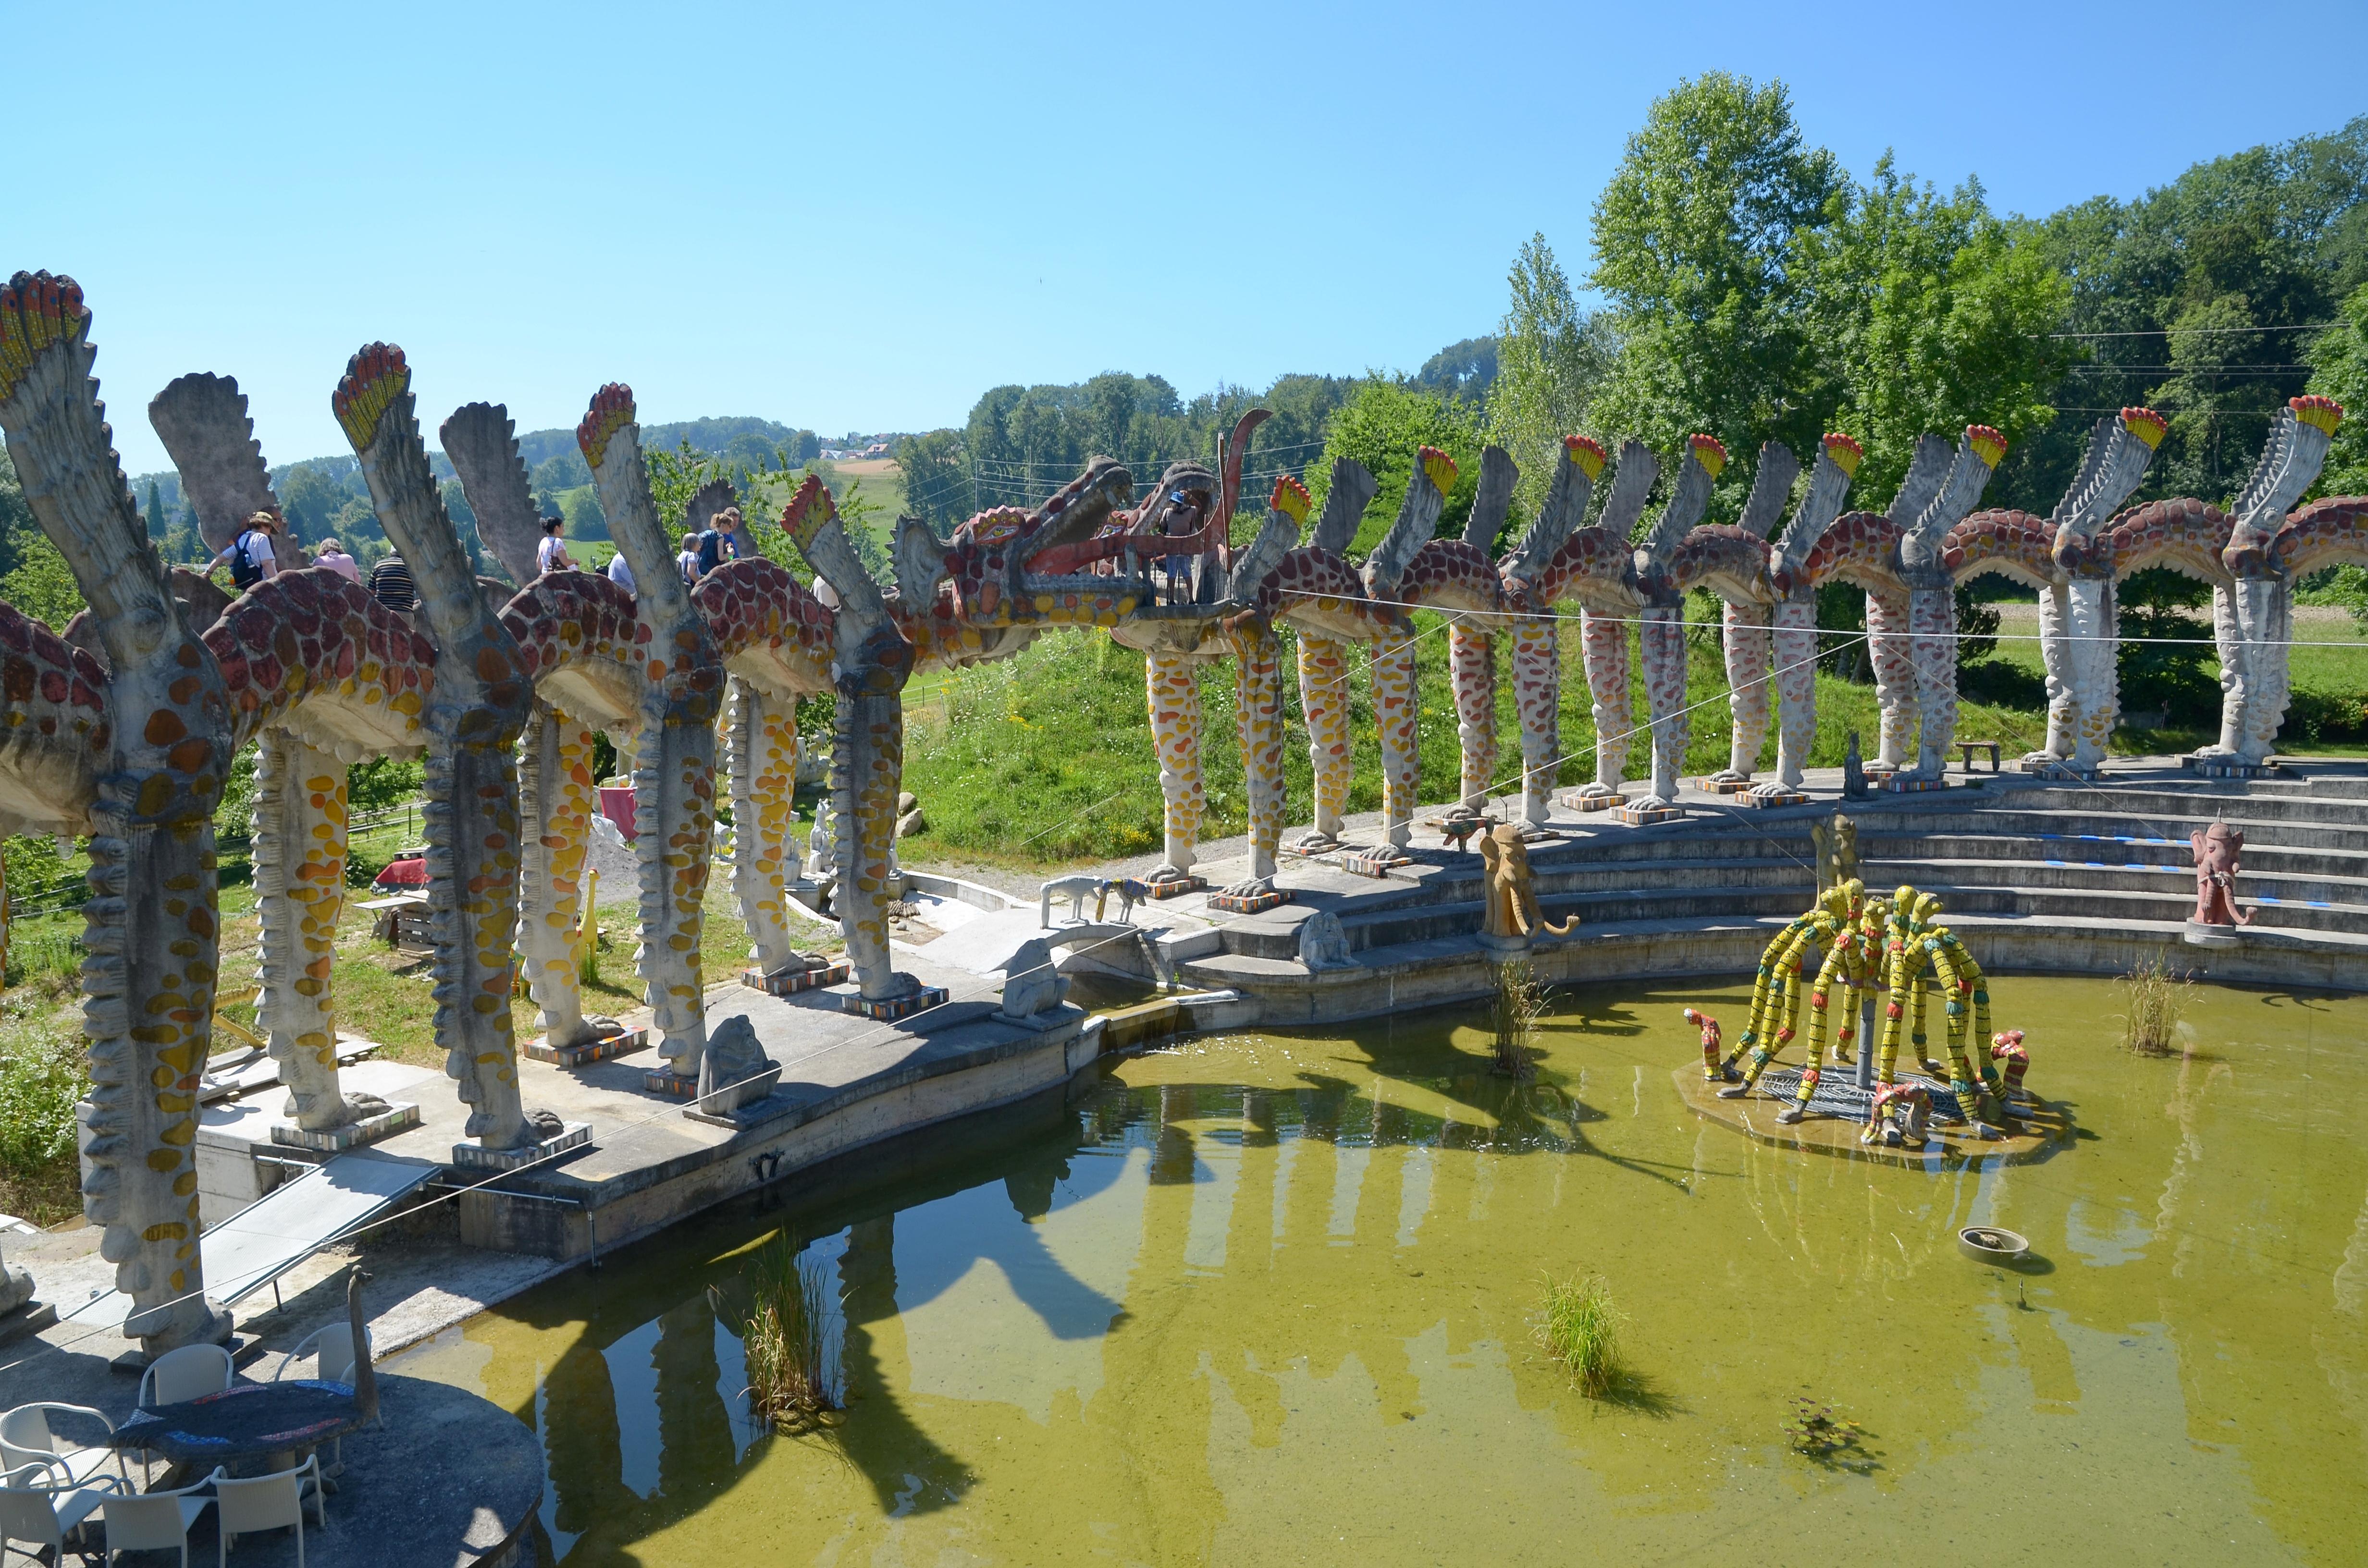 File:2013 Bruno Weber Skulpturenpark-Tour - 'Flügelhund' 2013-08-